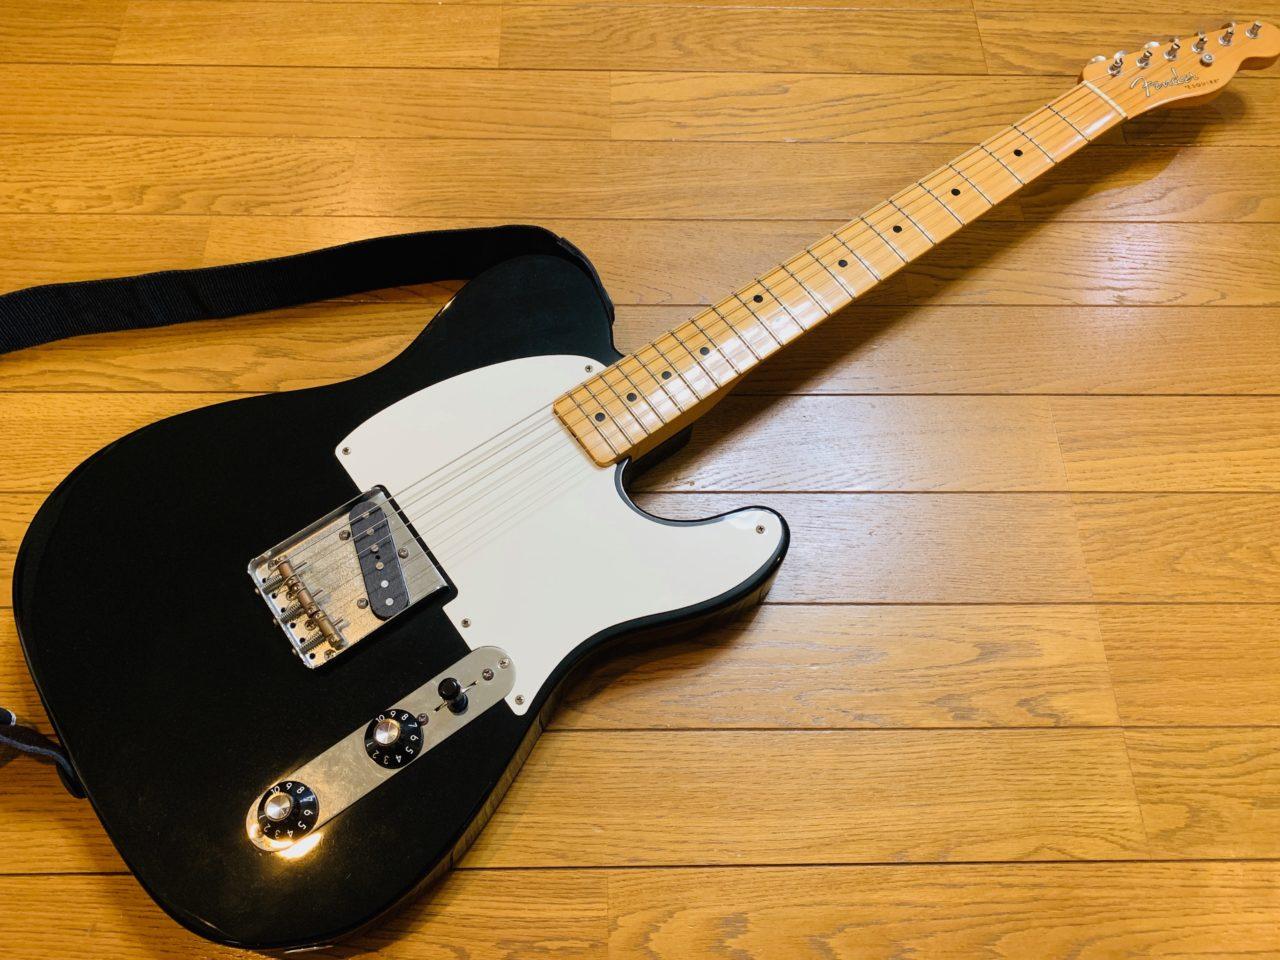 Fender Esquire(フェンダー・エスクワイヤー)という最高にカッコイイギターについて。